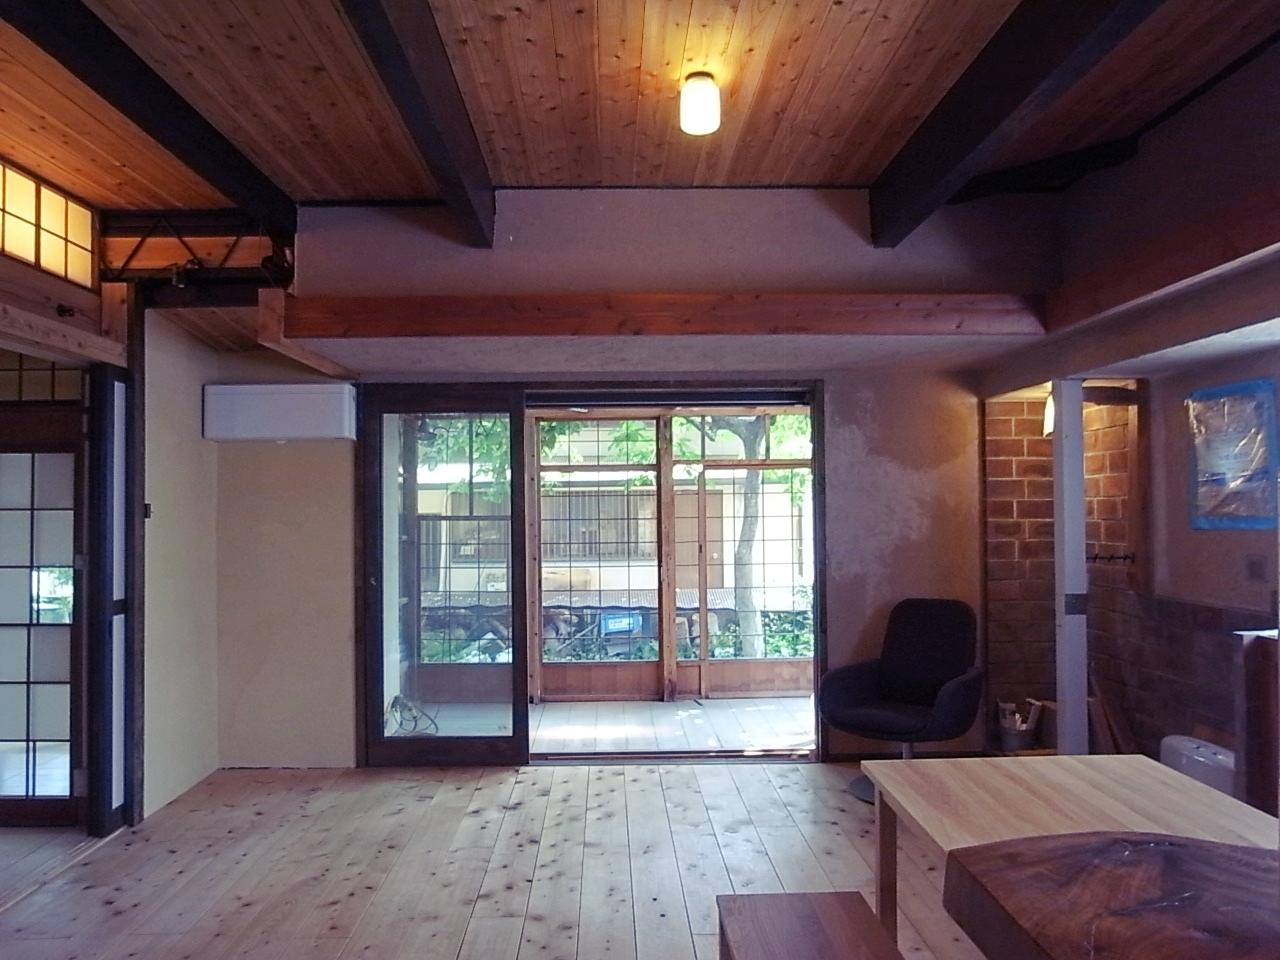 エンジニアード和風住宅 (福岡市南区桧原の物件) - 福岡R不動産